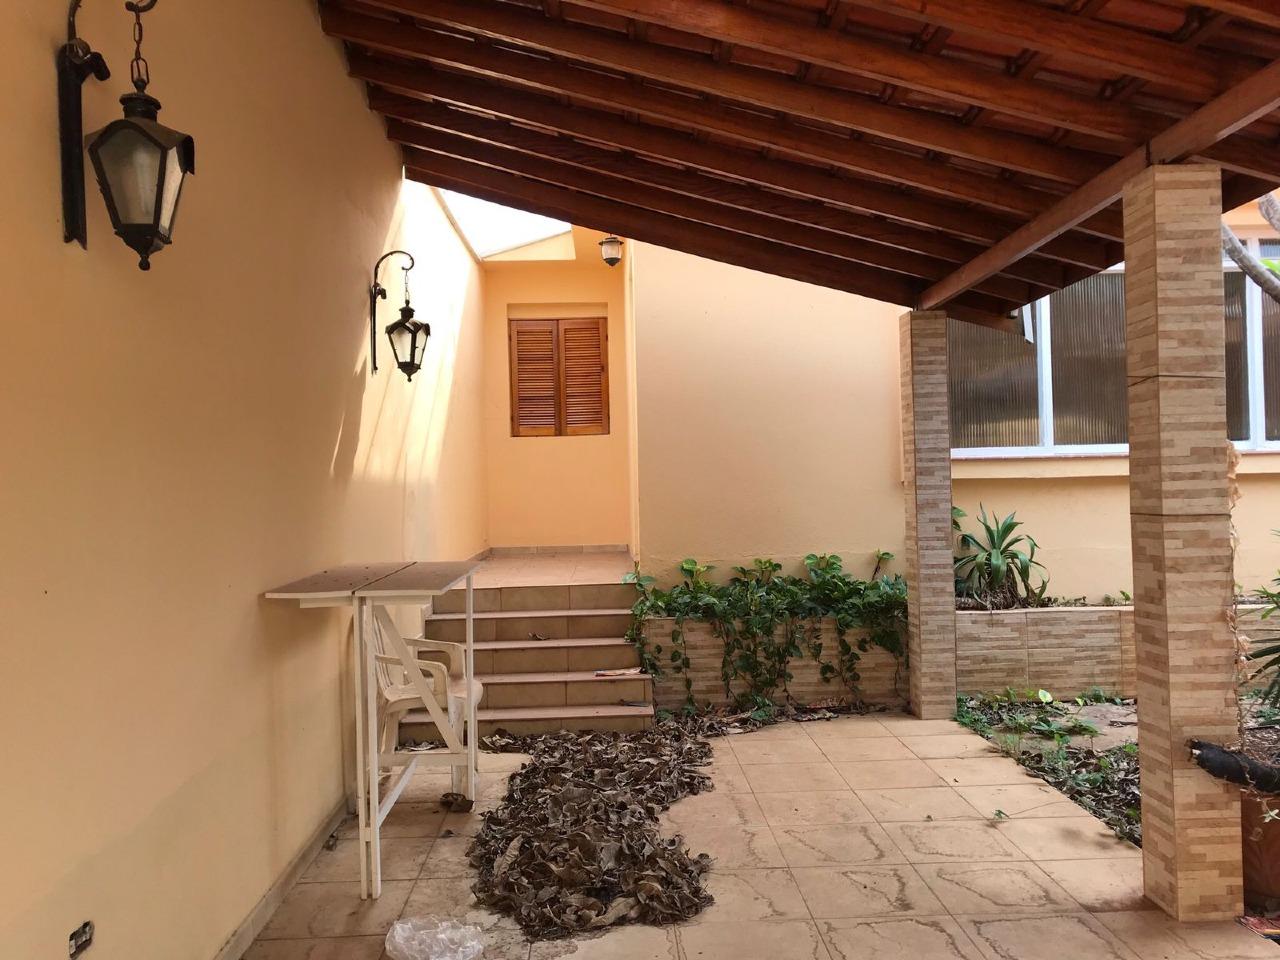 Casa para comprar, 3 quartos, 2 vagas, no bairro Vila Independência em Piracicaba - SP